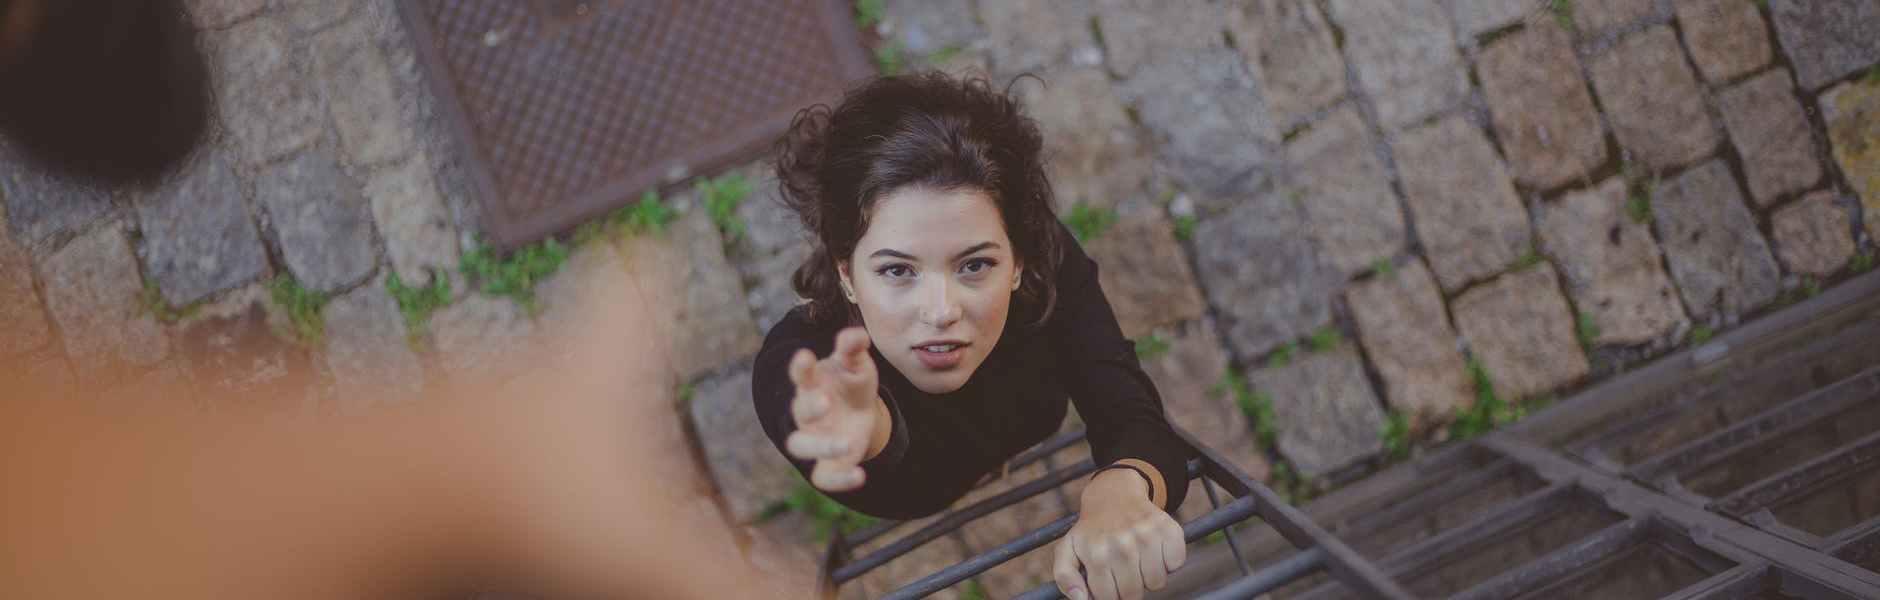 Rad na sebi: postajemo li priručnici za život?, high angle photo of woman on ladder